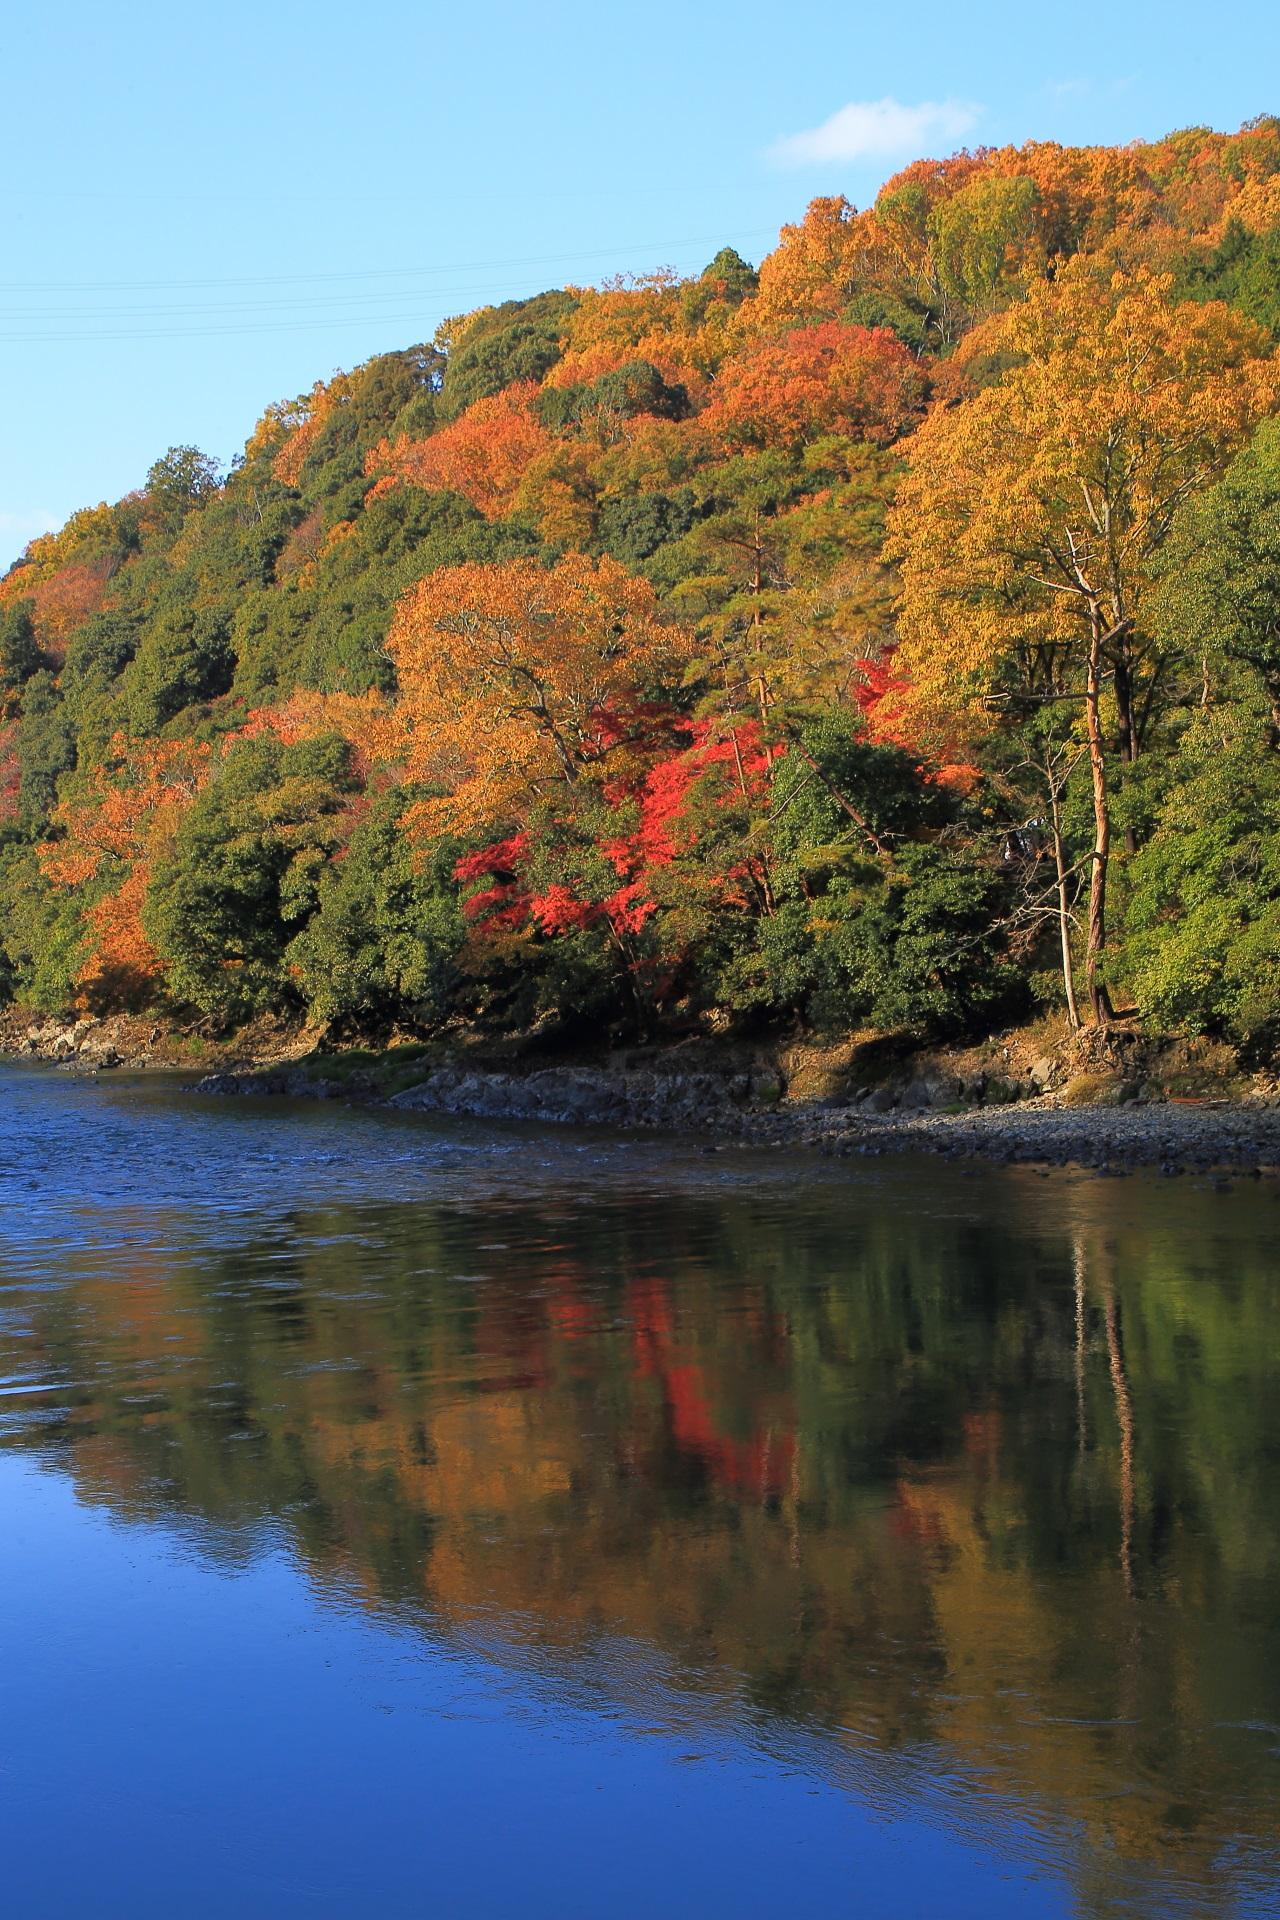 宇治川の煌く紅葉と美しい秋色と青空の水鏡